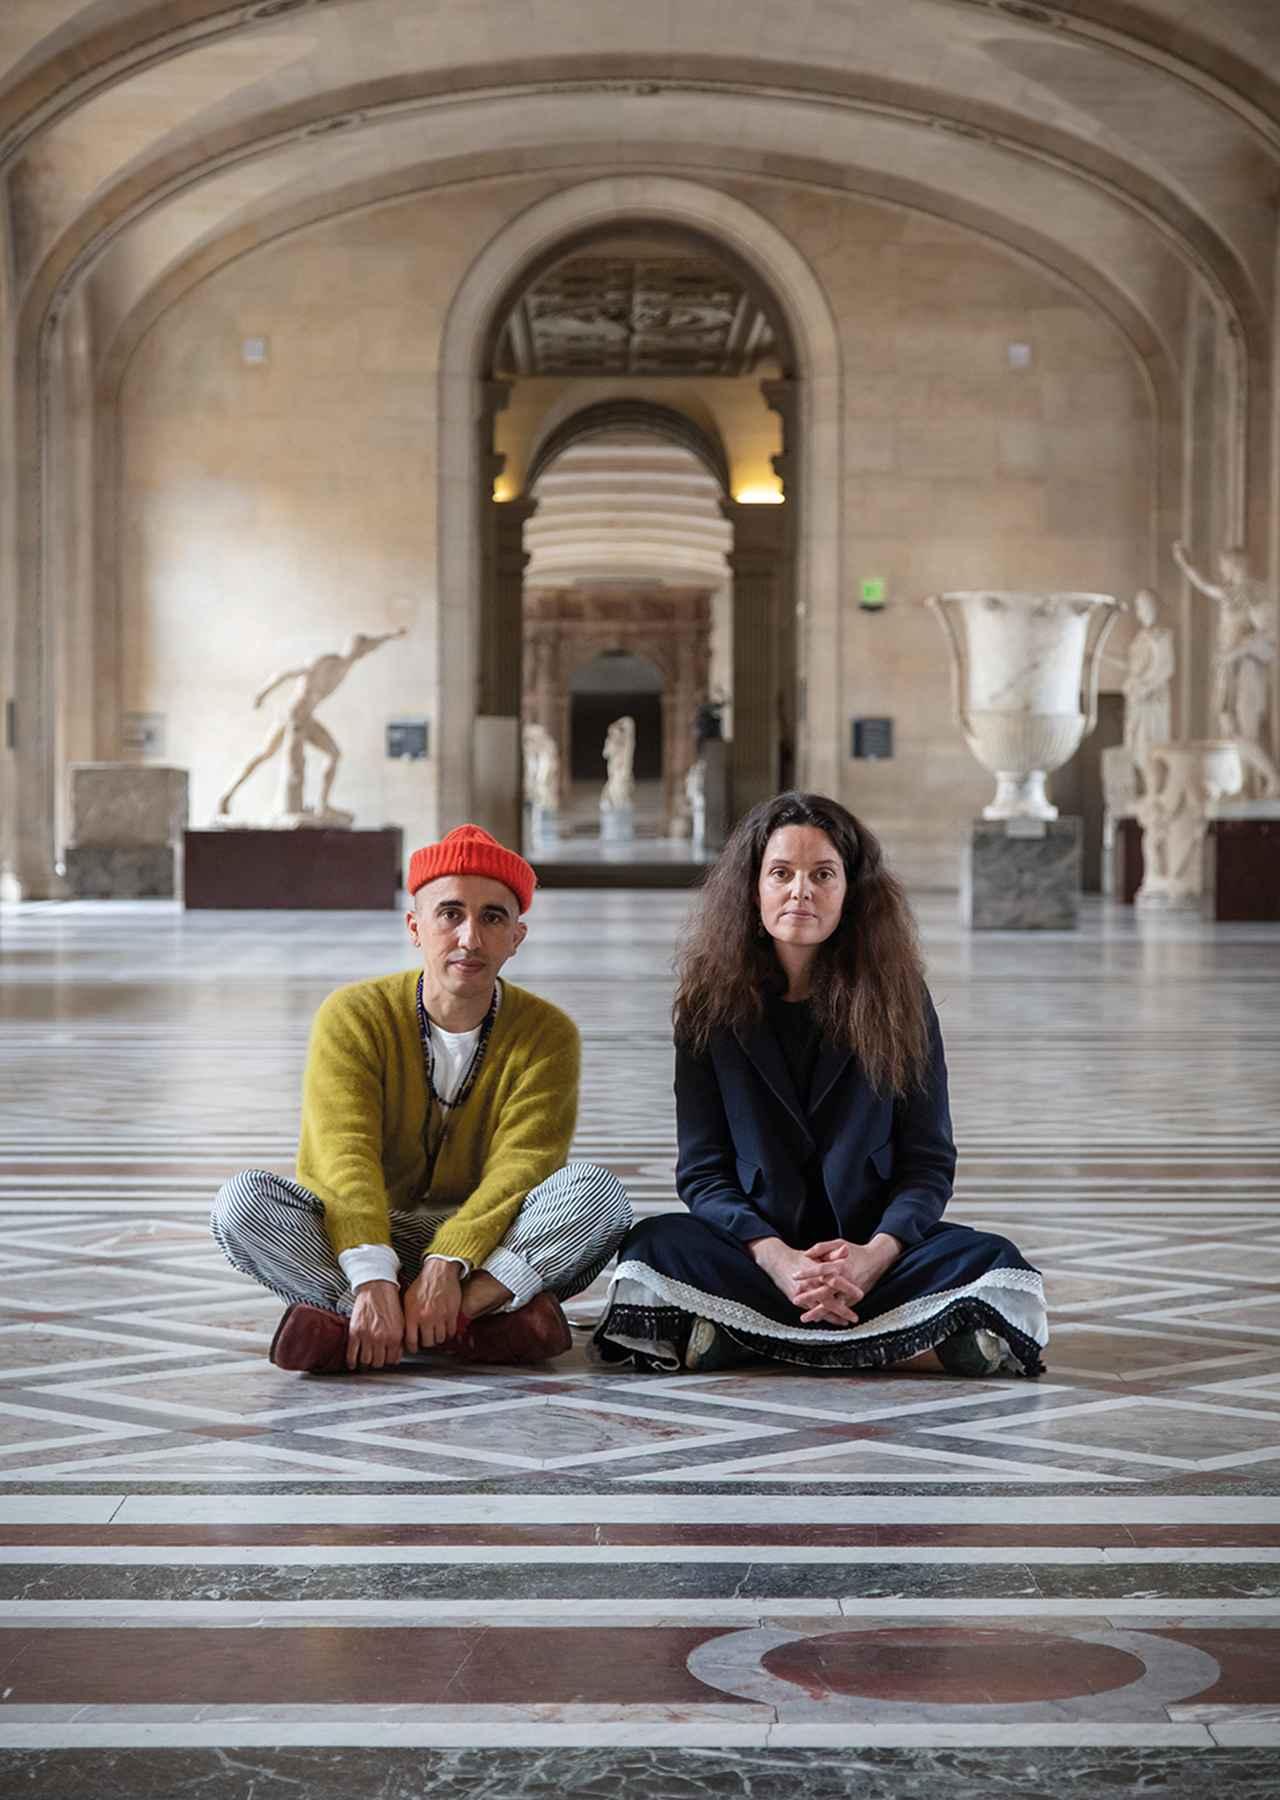 Images : 1番目の画像 - 「ルーヴル美術館名作のエスプリを 肌にまとう。オフィシーヌ・ ユニヴェルセル・ビュリーの冒険」のアルバム - T JAPAN:The New York Times Style Magazine 公式サイト